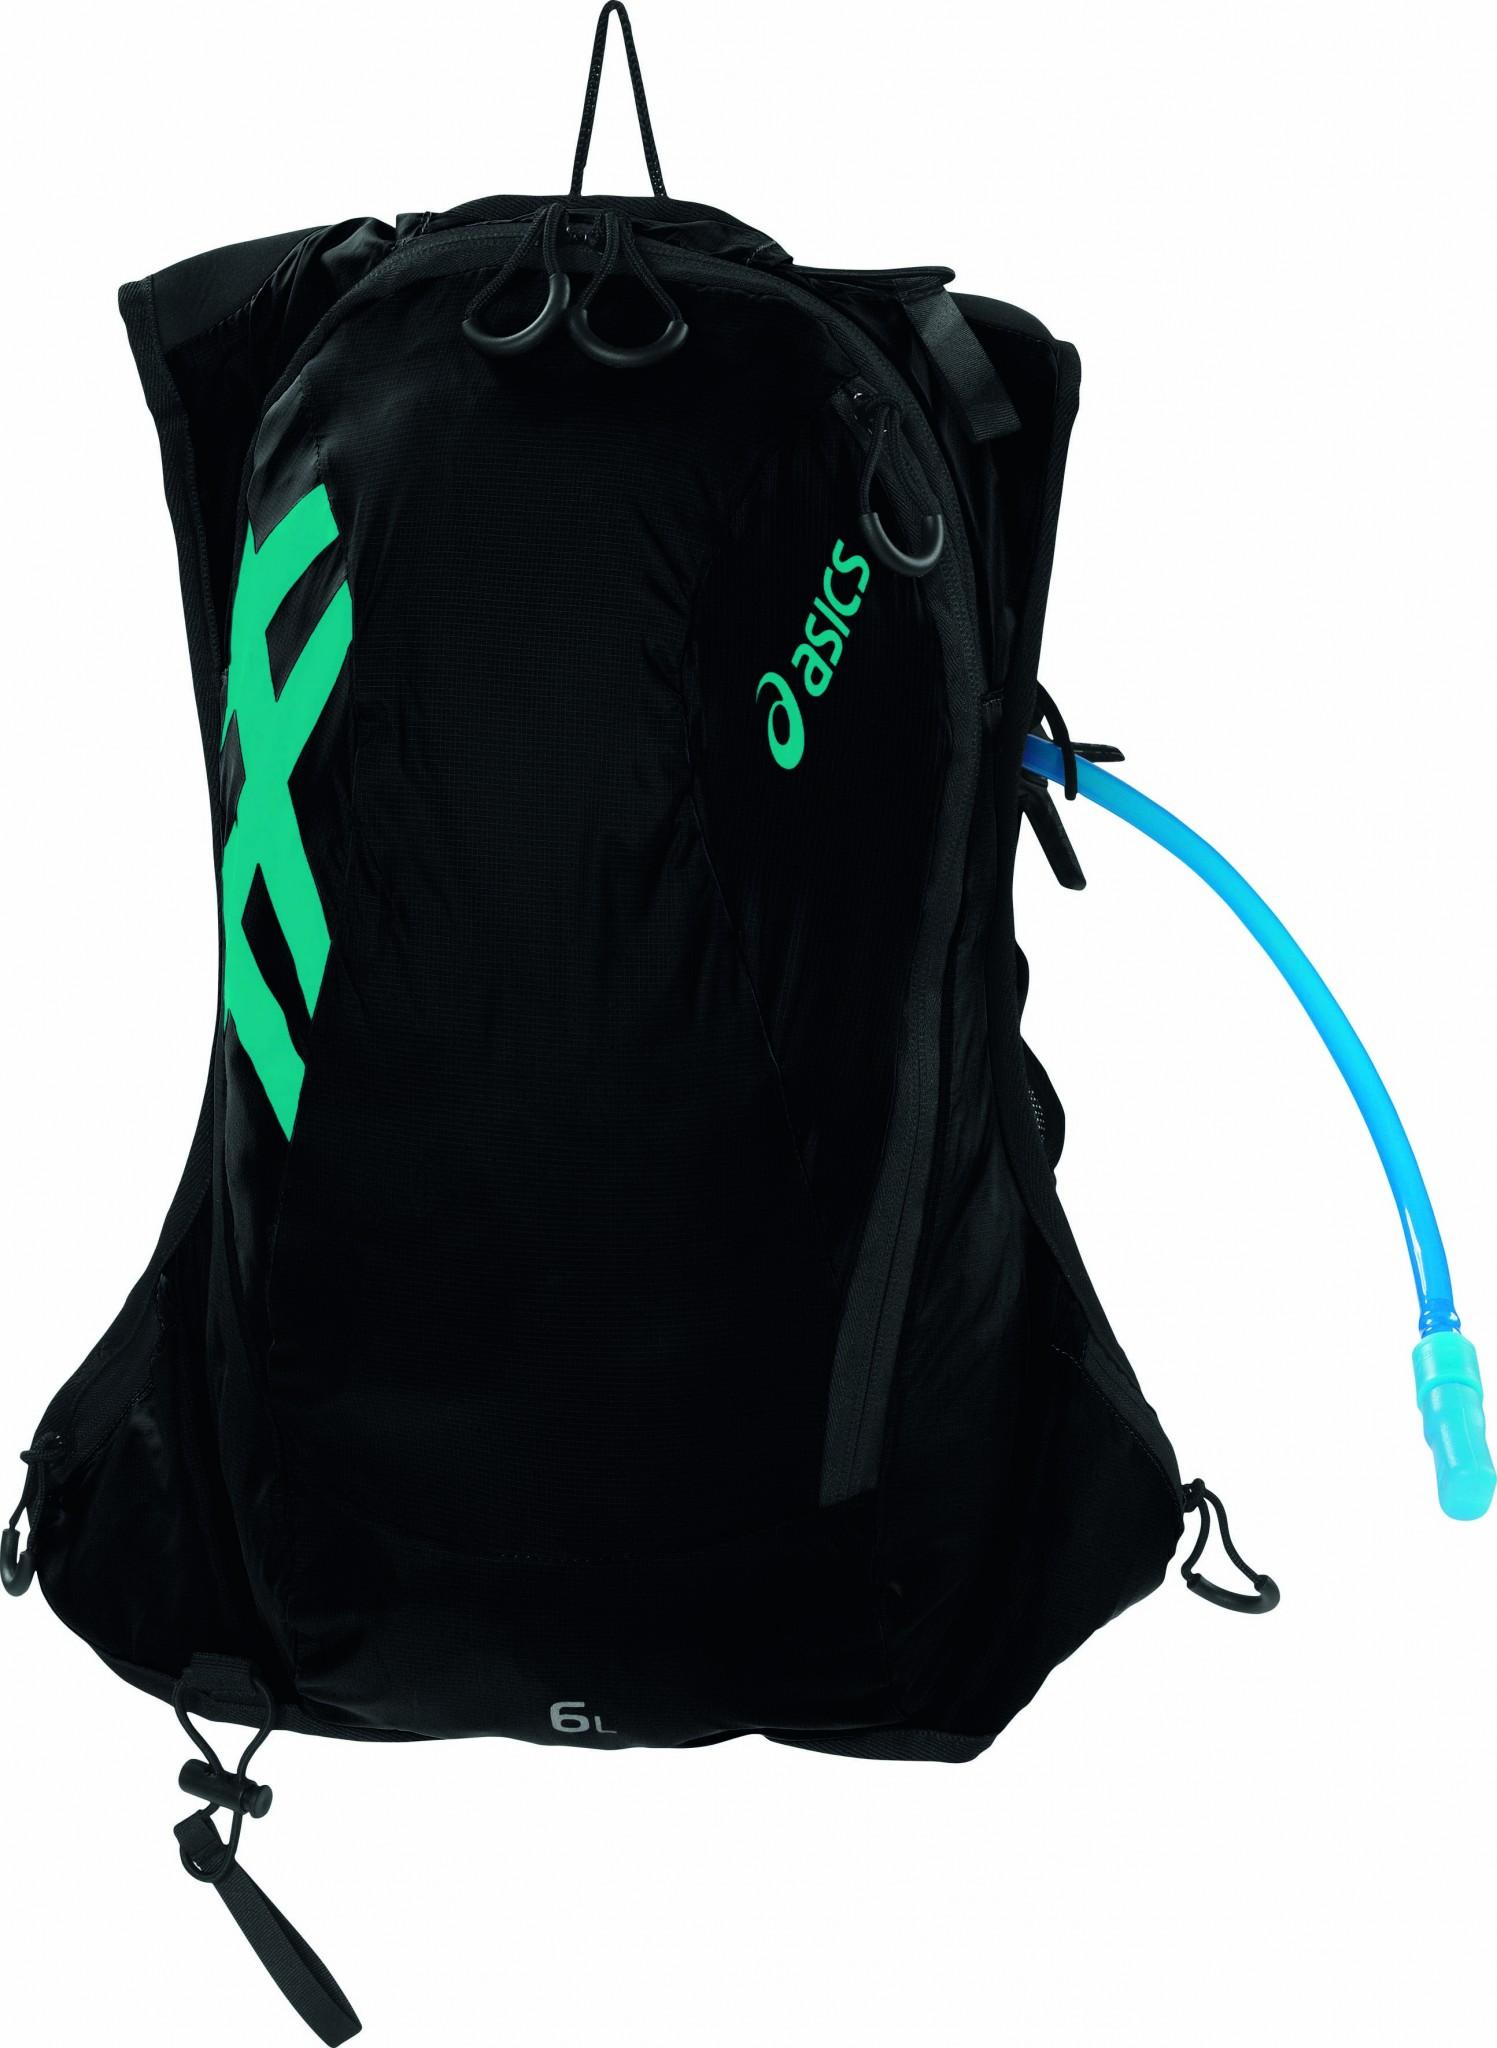 9f090caac6e2f 6 sacs de trail pour cet été ! - Runner's World